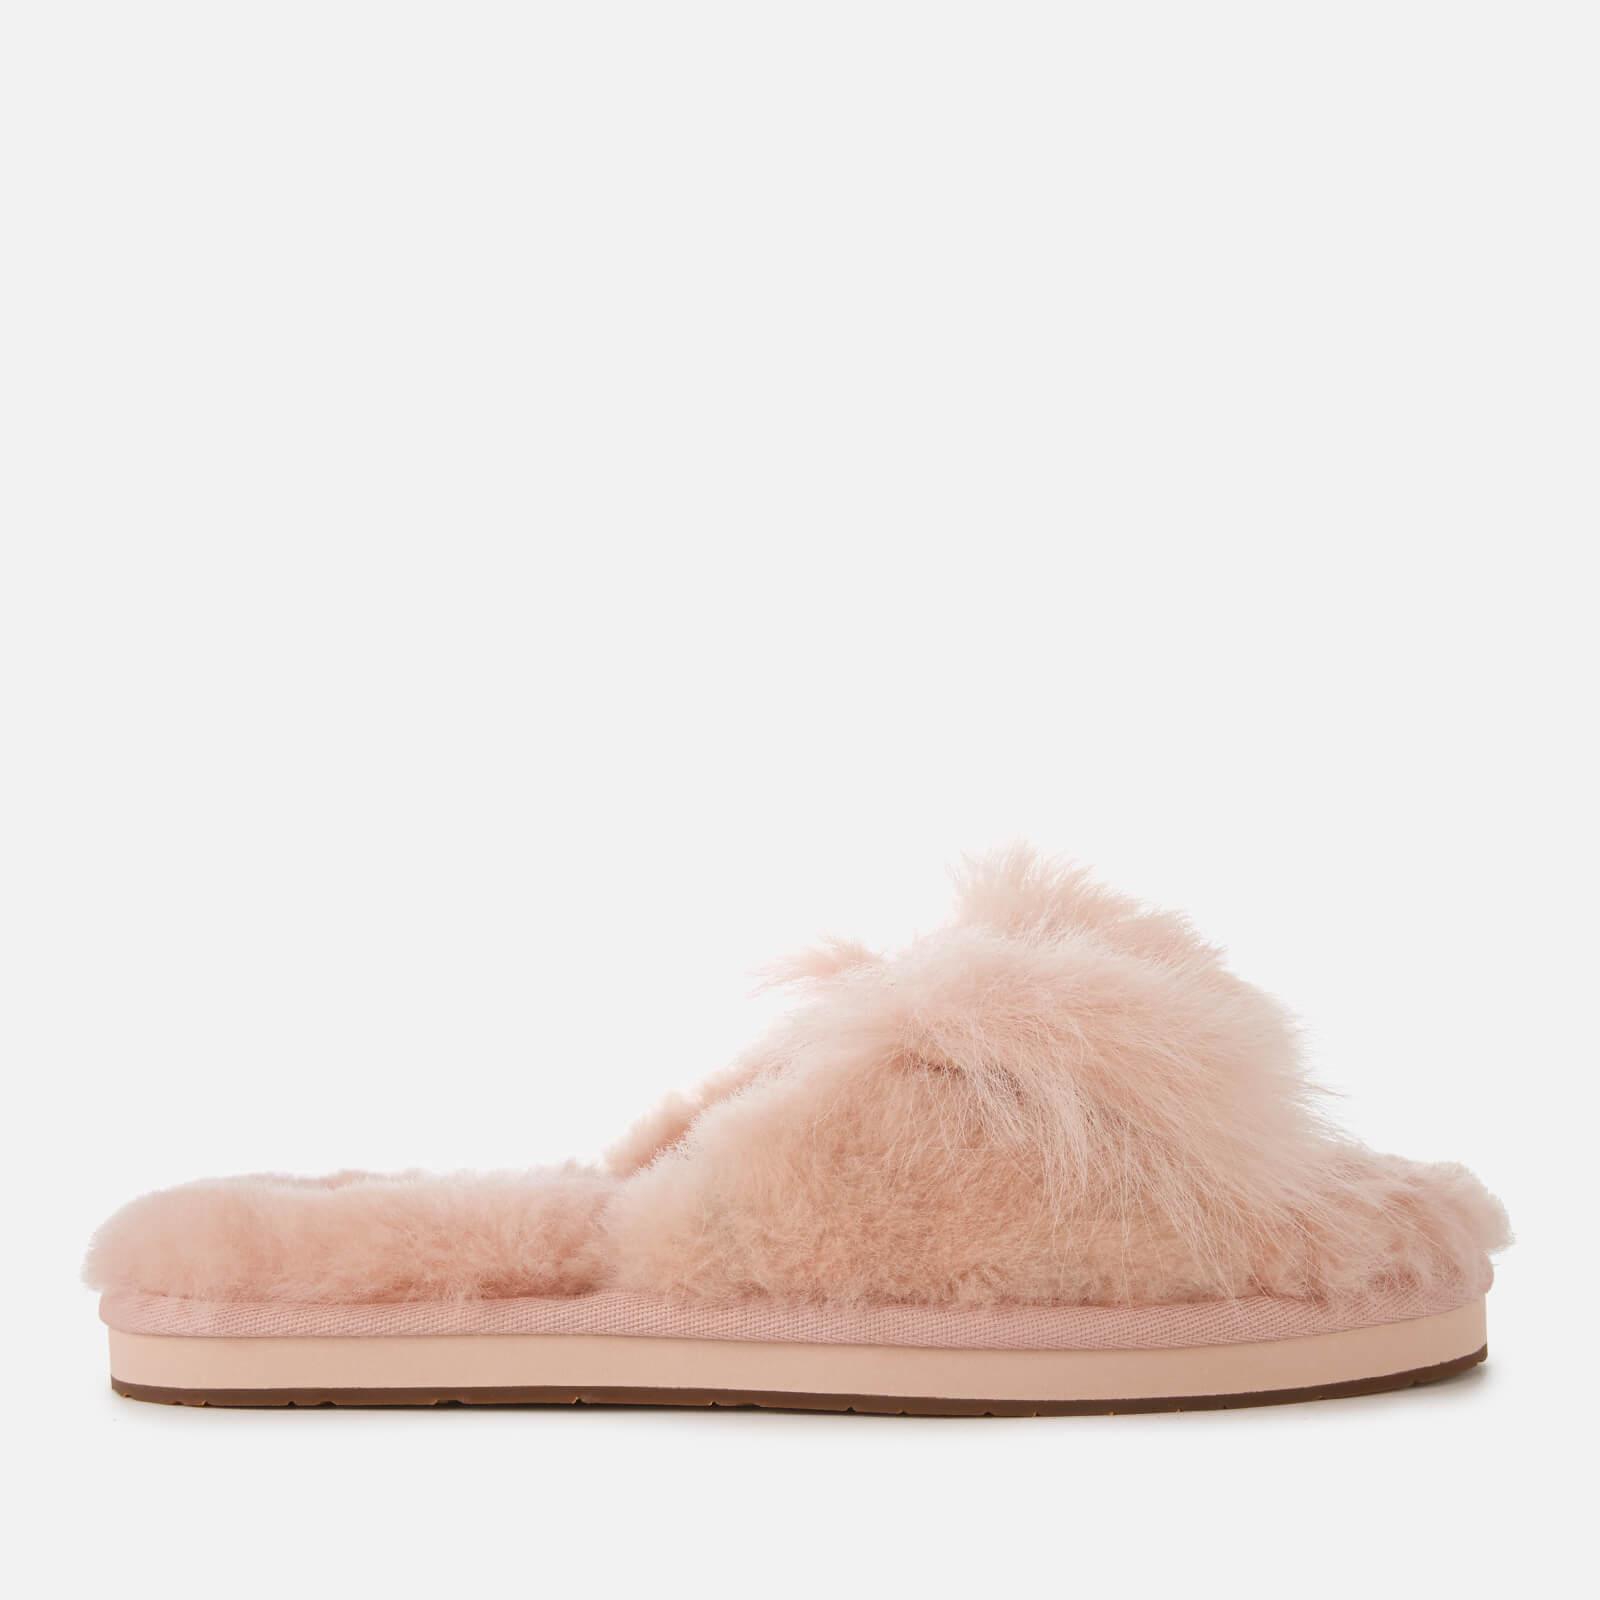 121c6e4b32 Lyst - UGG Mirabelle Sheepskin Slide Slippers in Pink